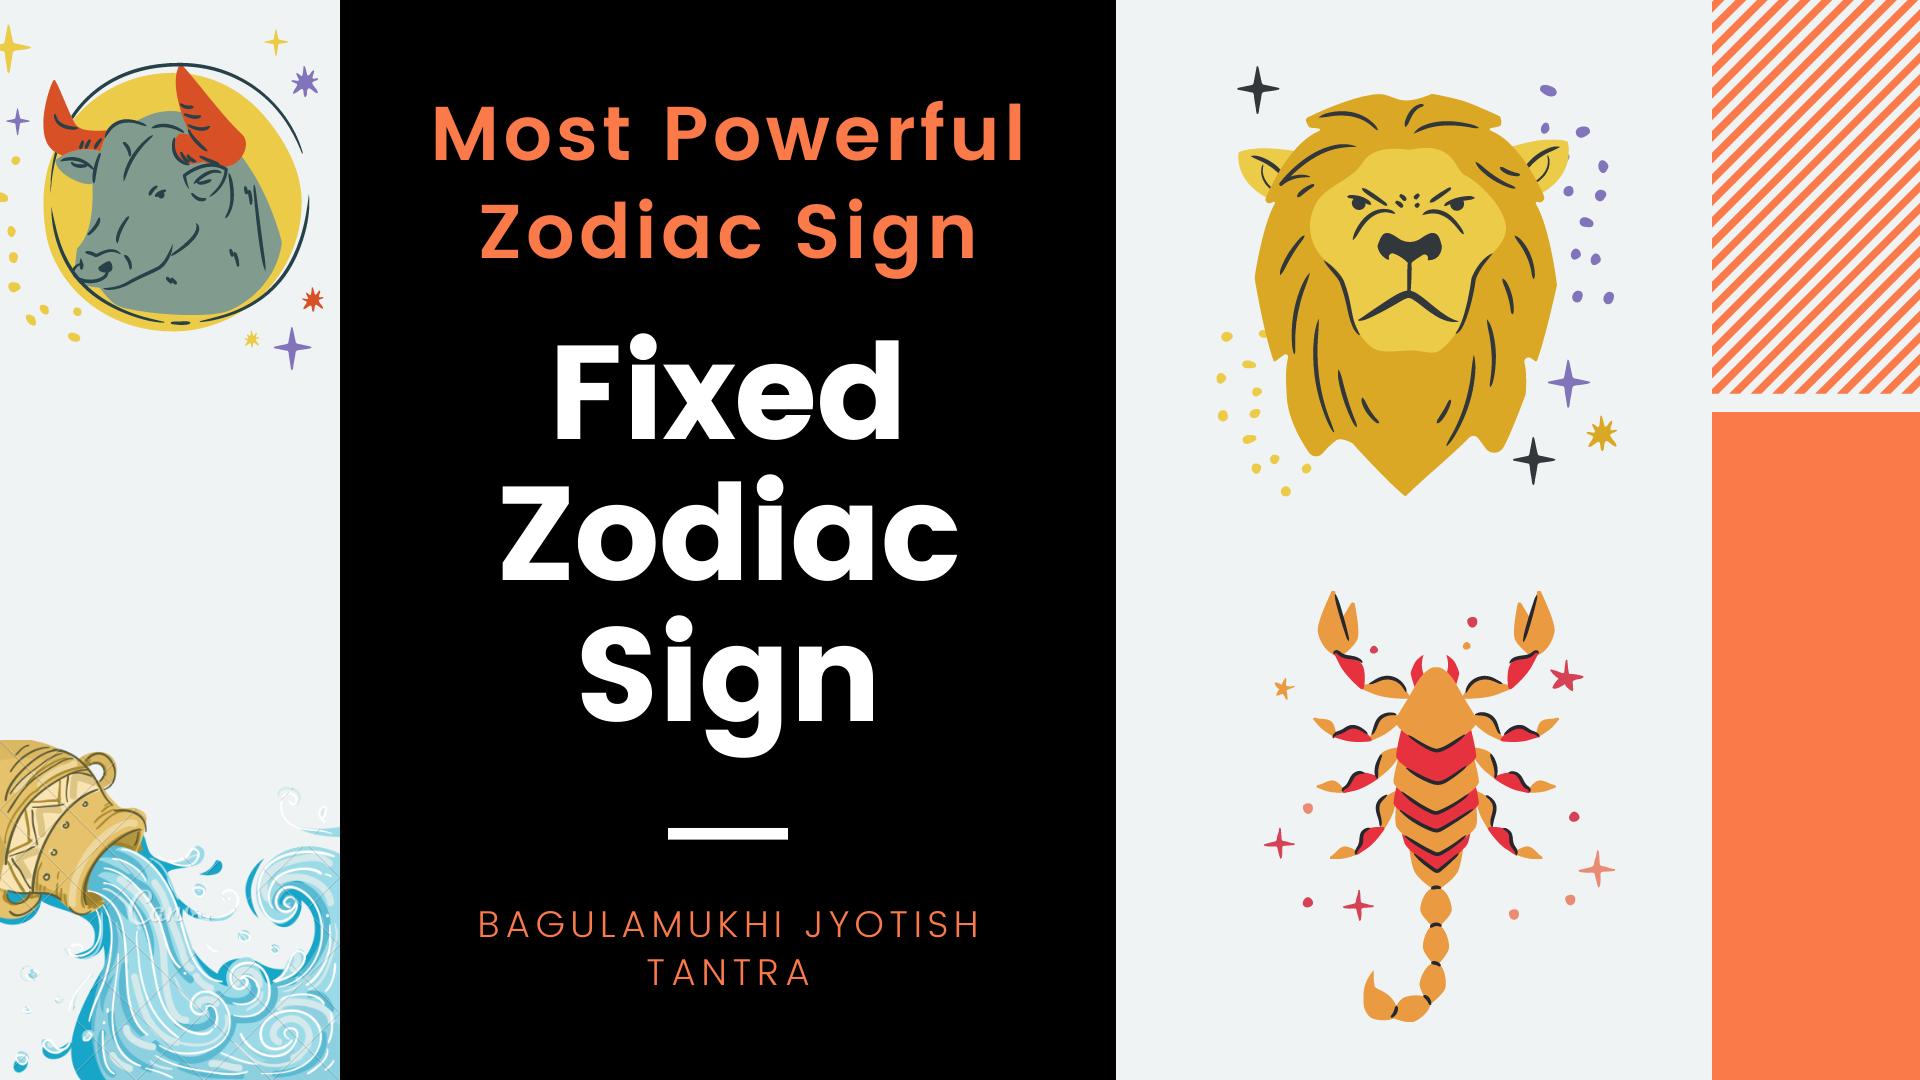 Fixed Zodiac Sign